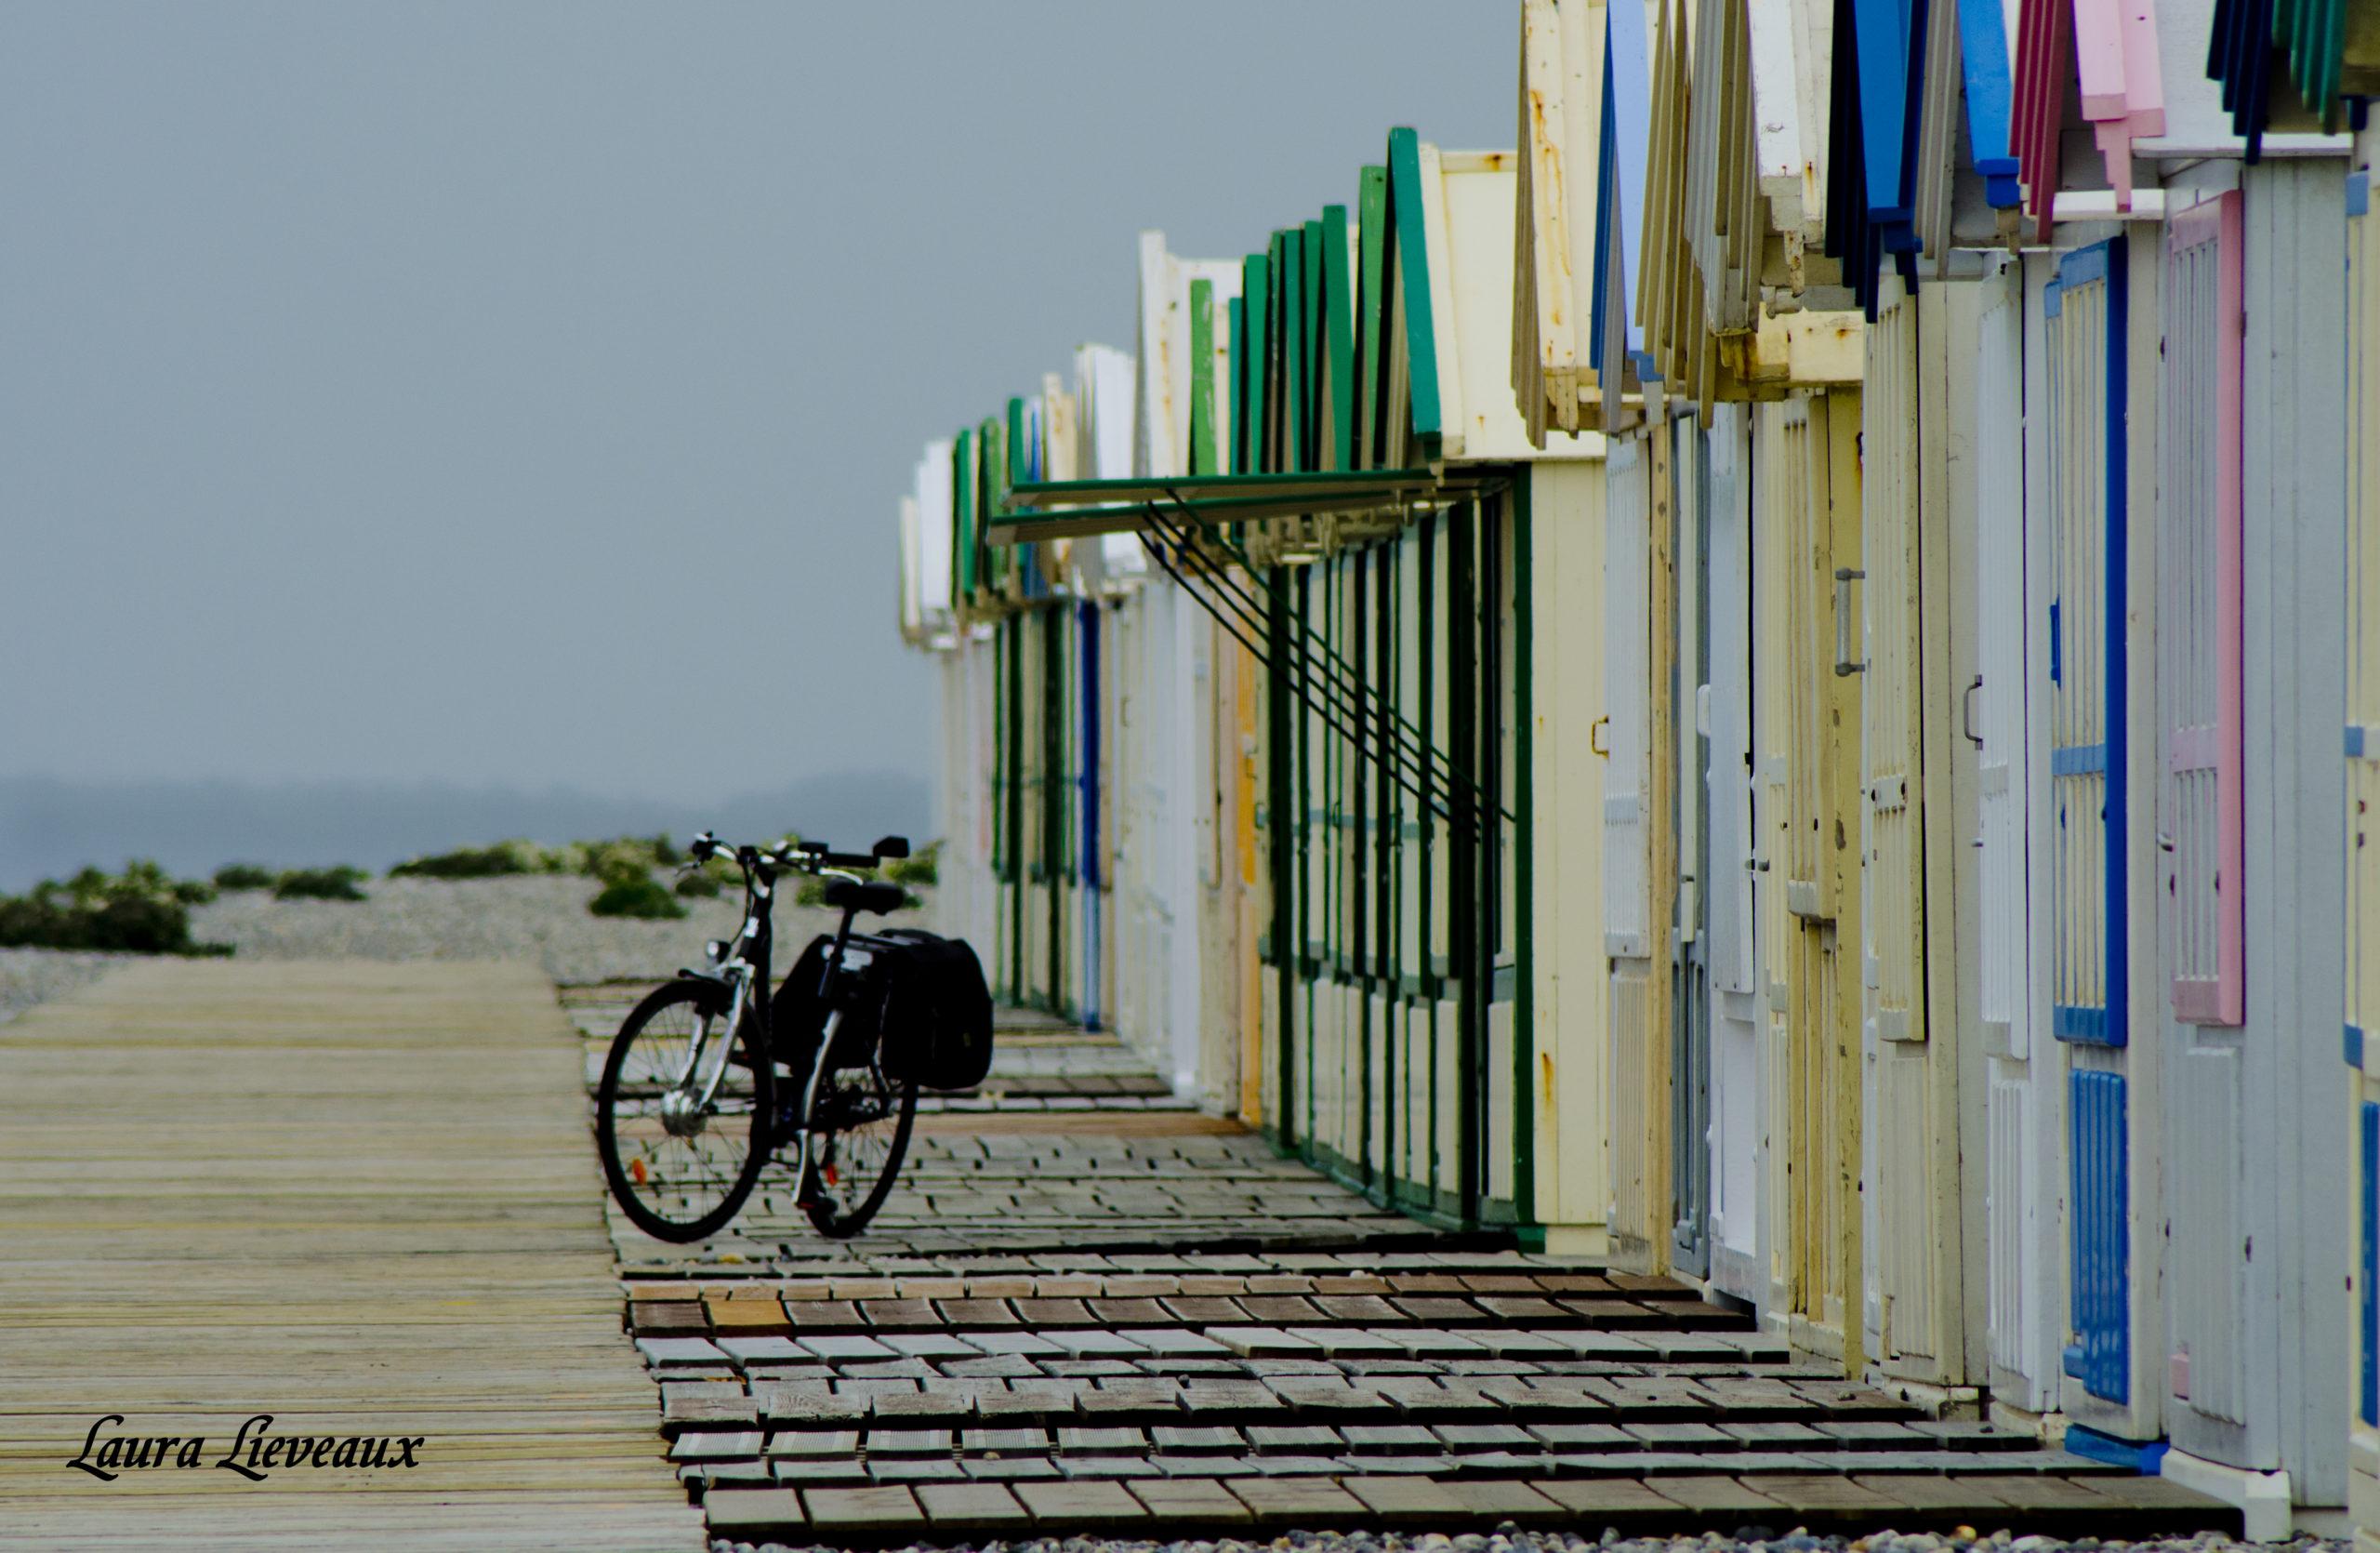 les cabanes colorées sont très représentatives des plages du nord.